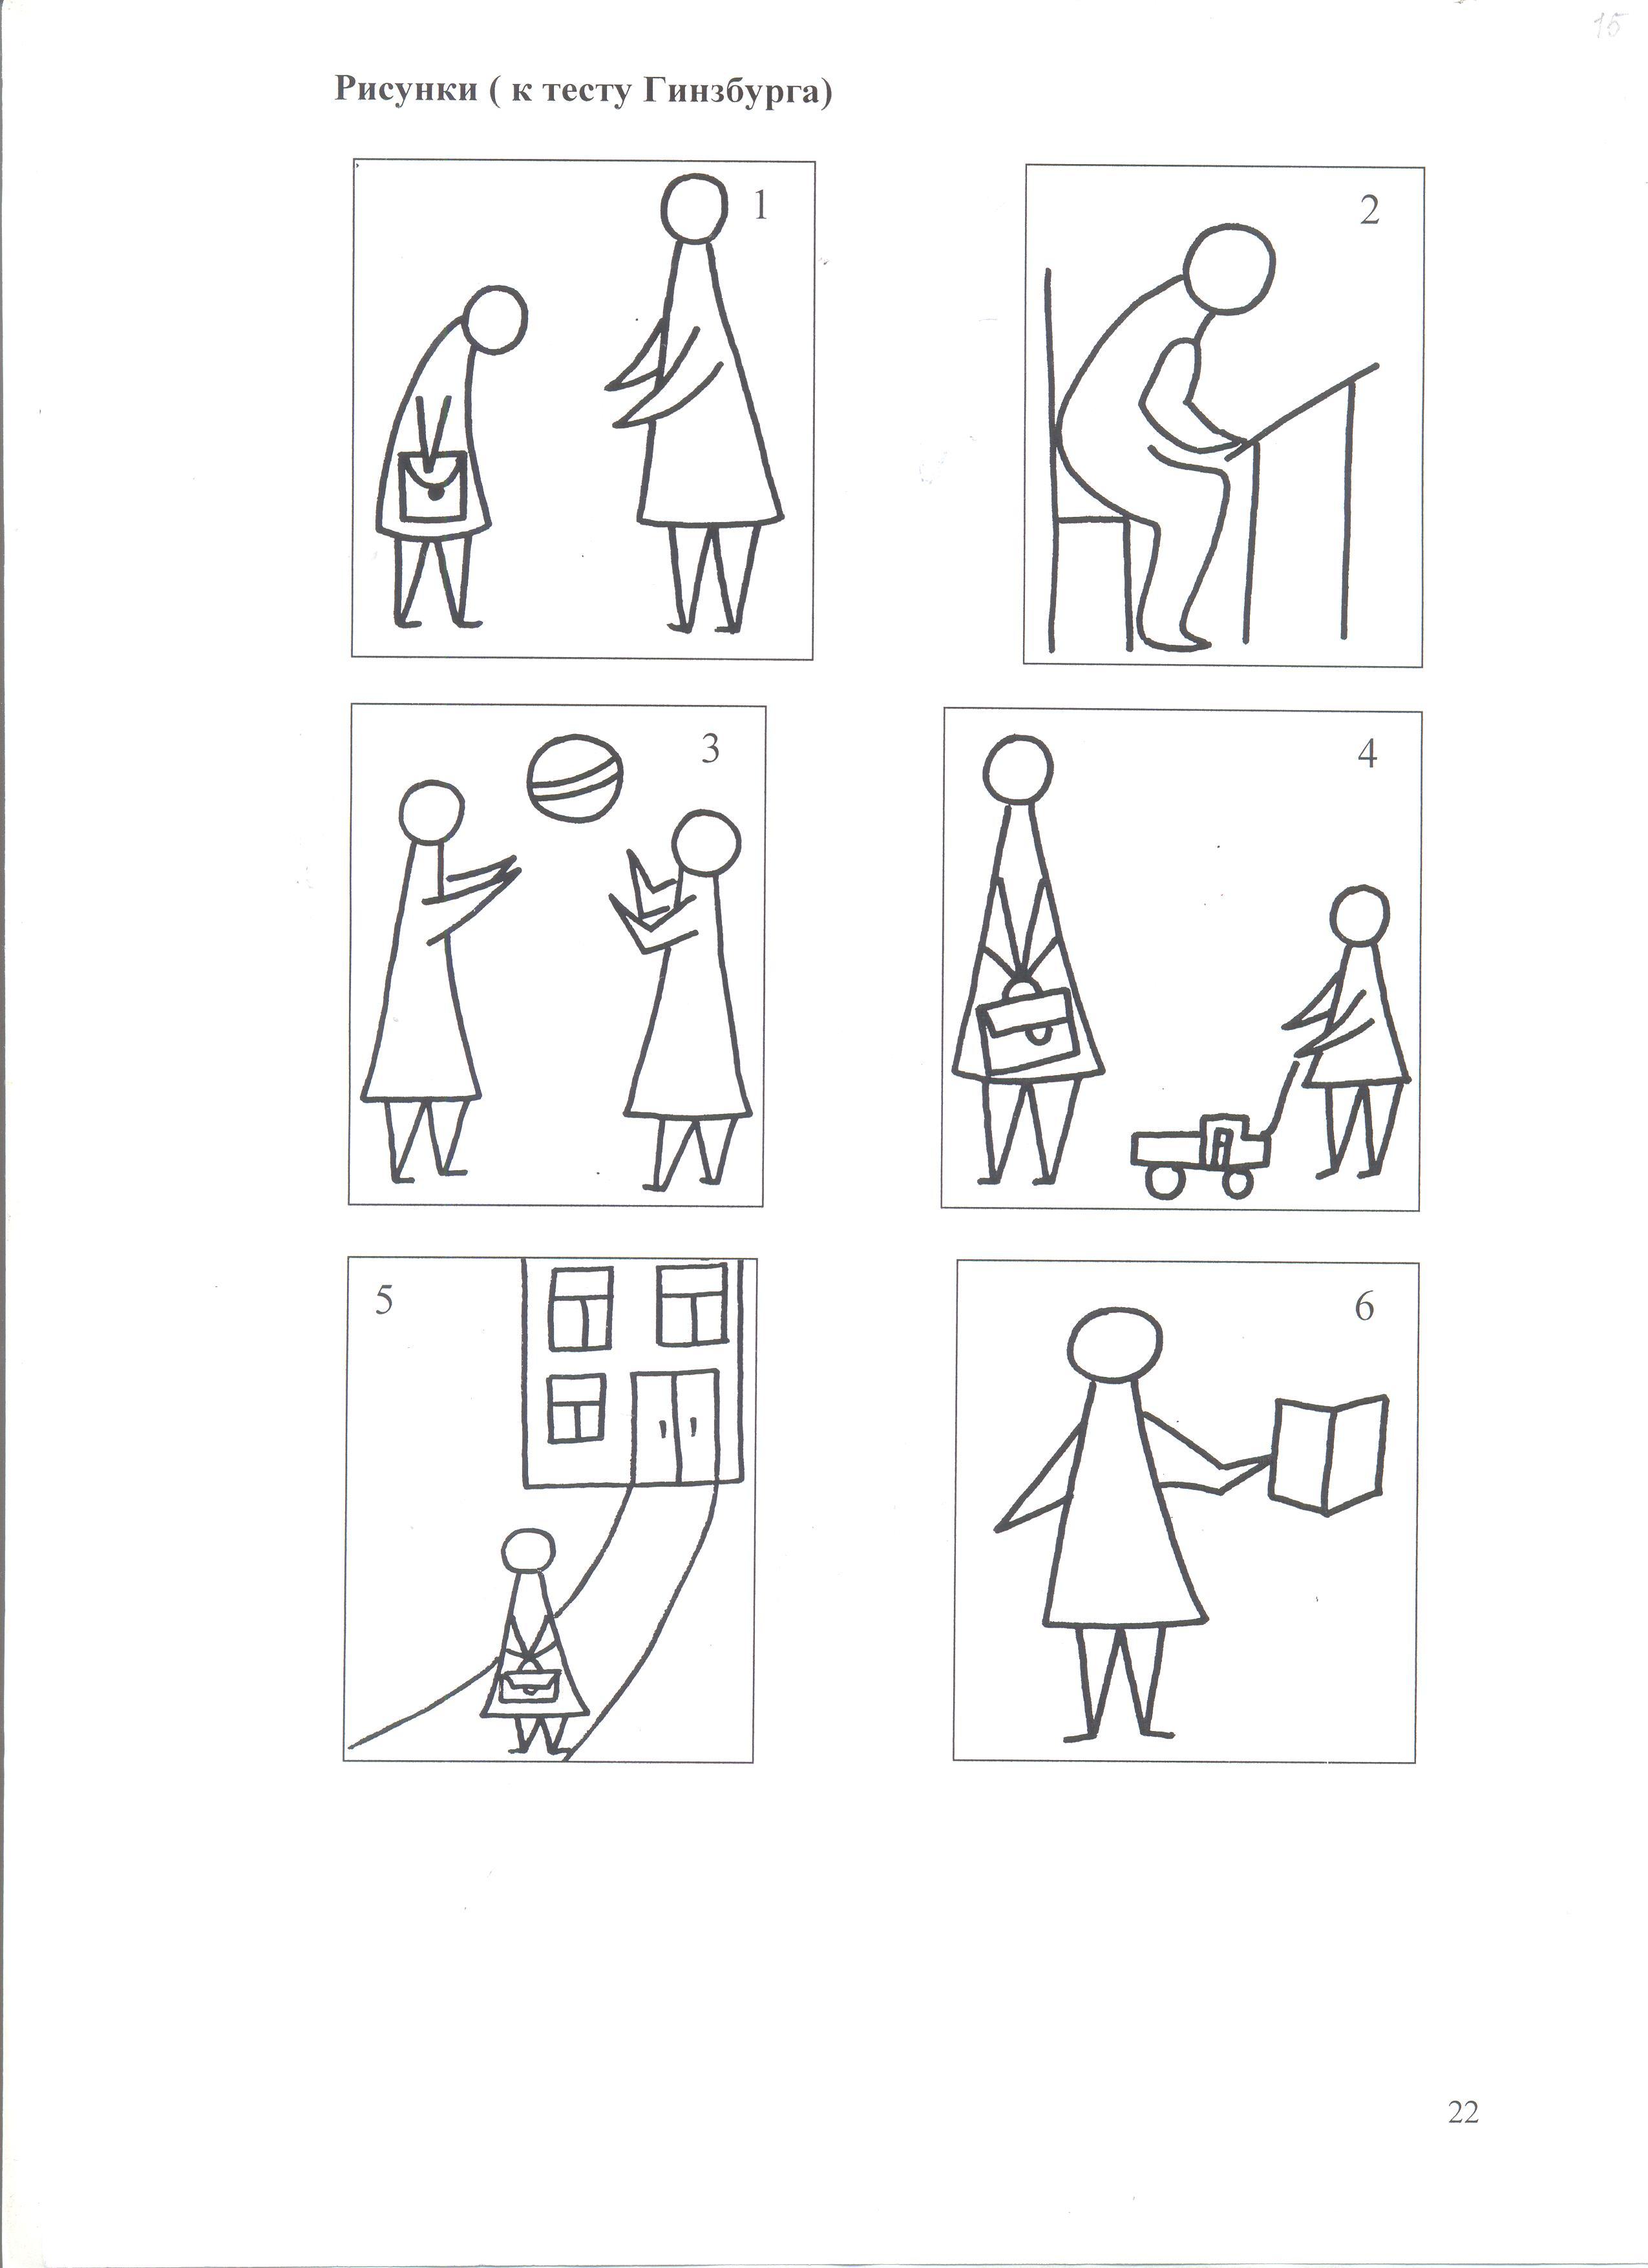 При психологическом тесте как правильно нарисовать человека